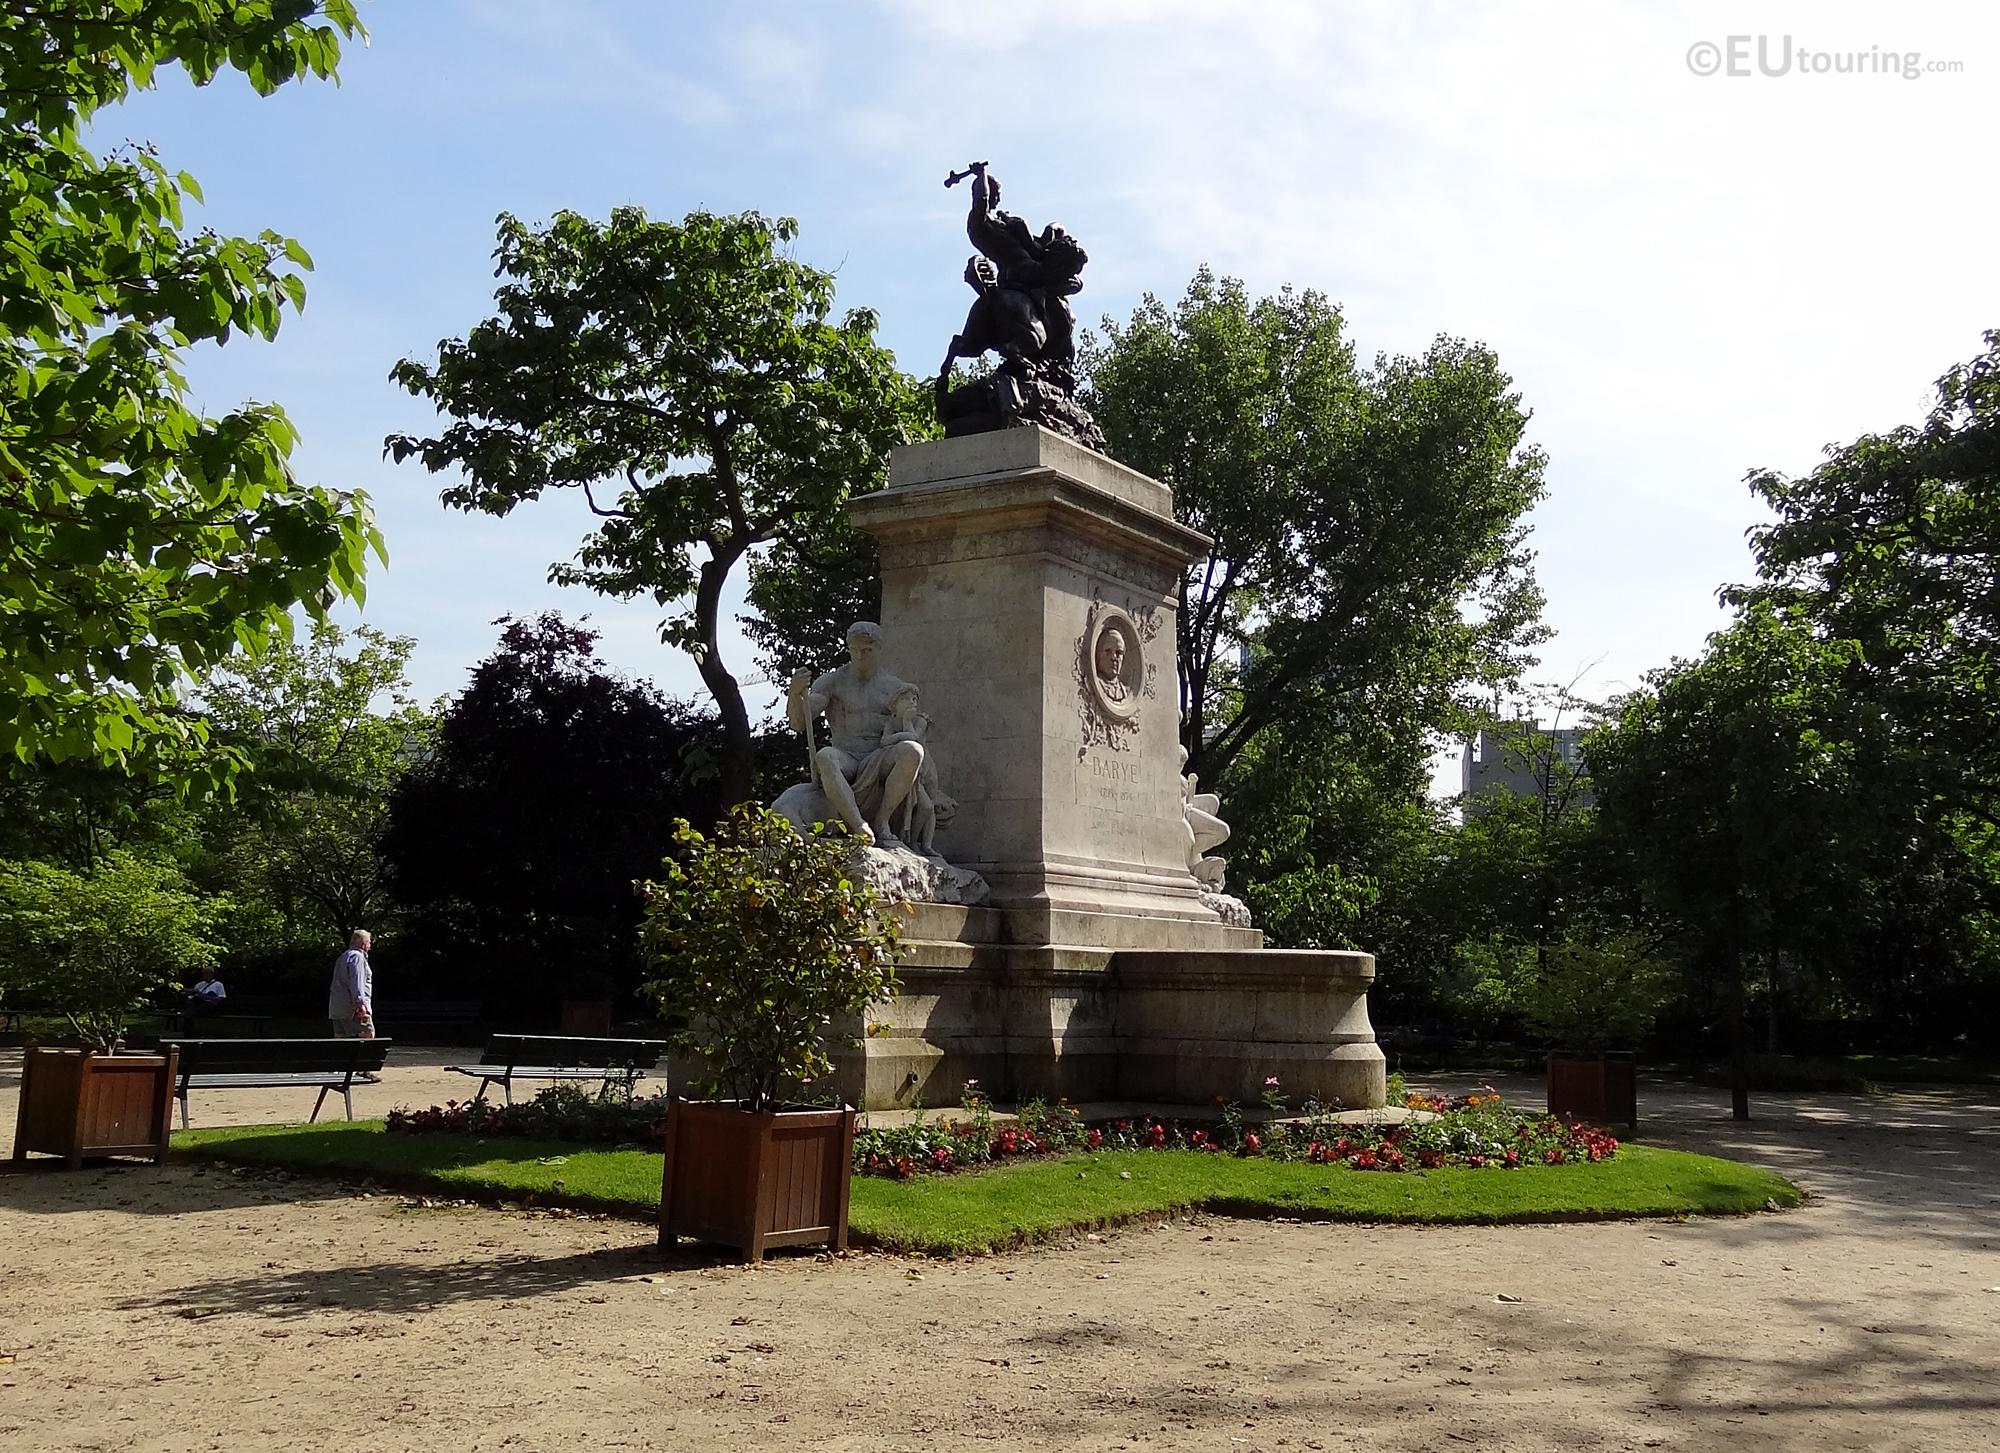 Antoine Louis Barye monument